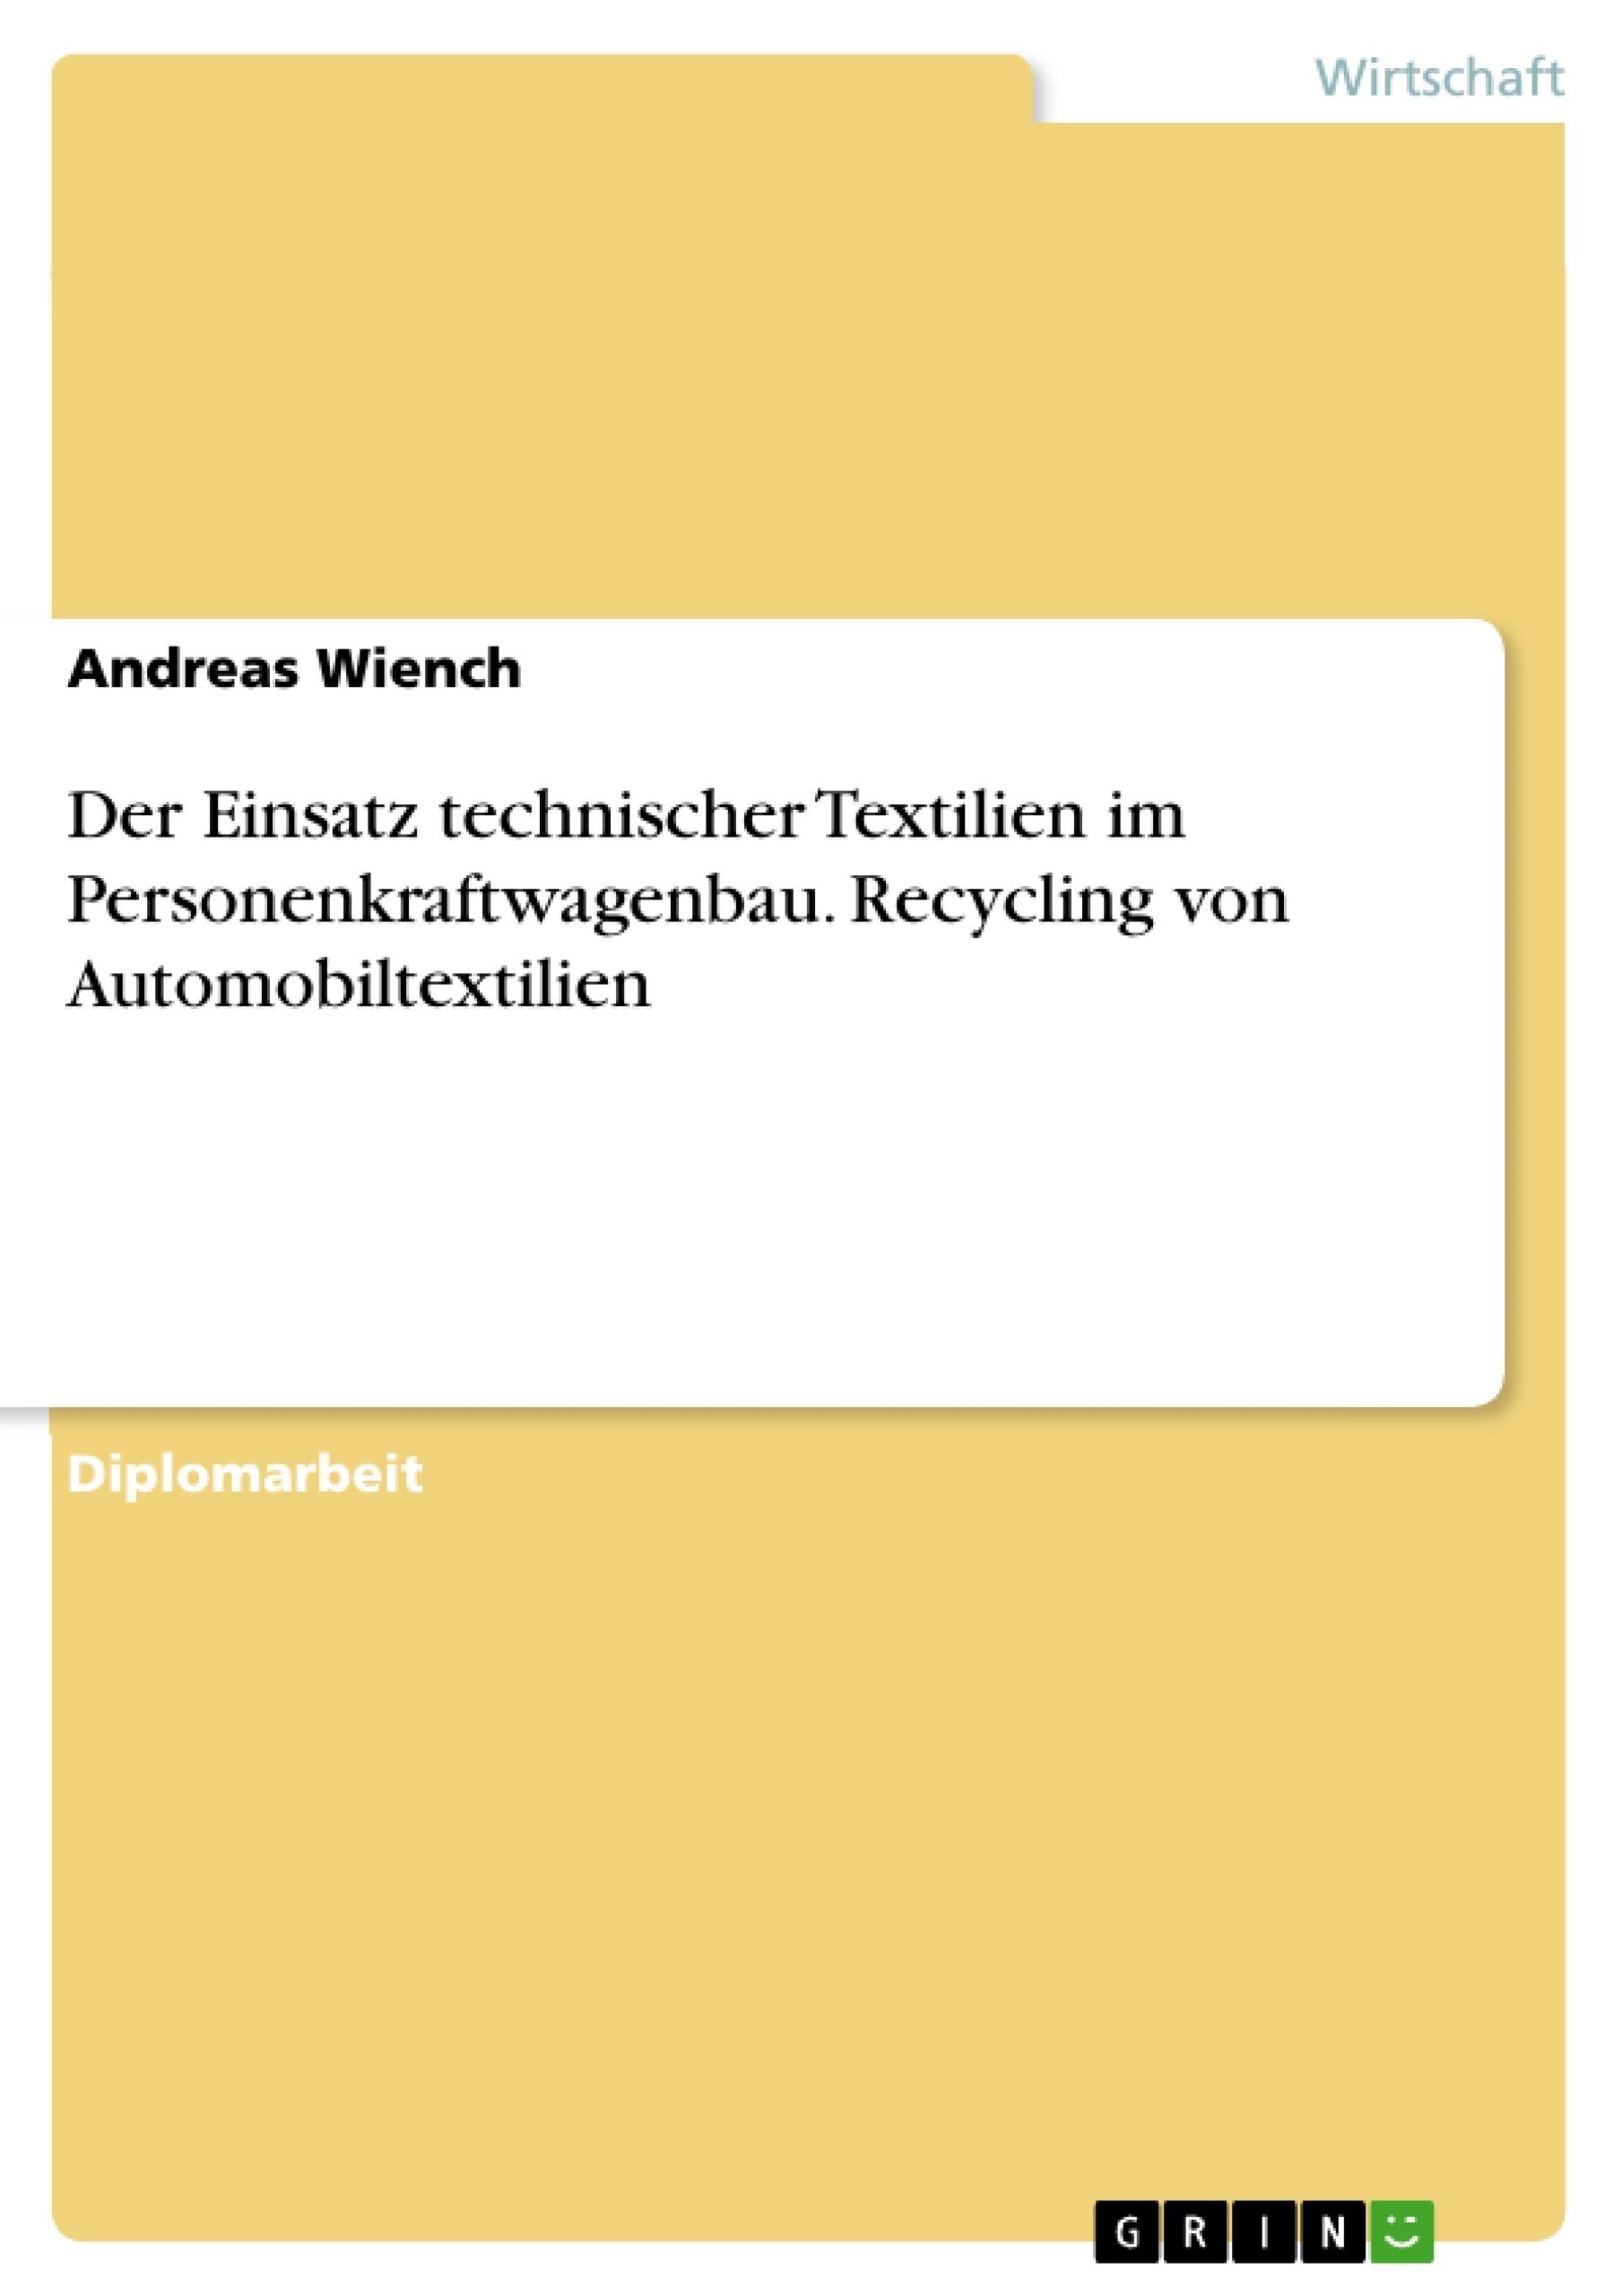 Titel: Der Einsatz technischer Textilien im Personenkraftwagenbau. Recycling von Automobiltextilien